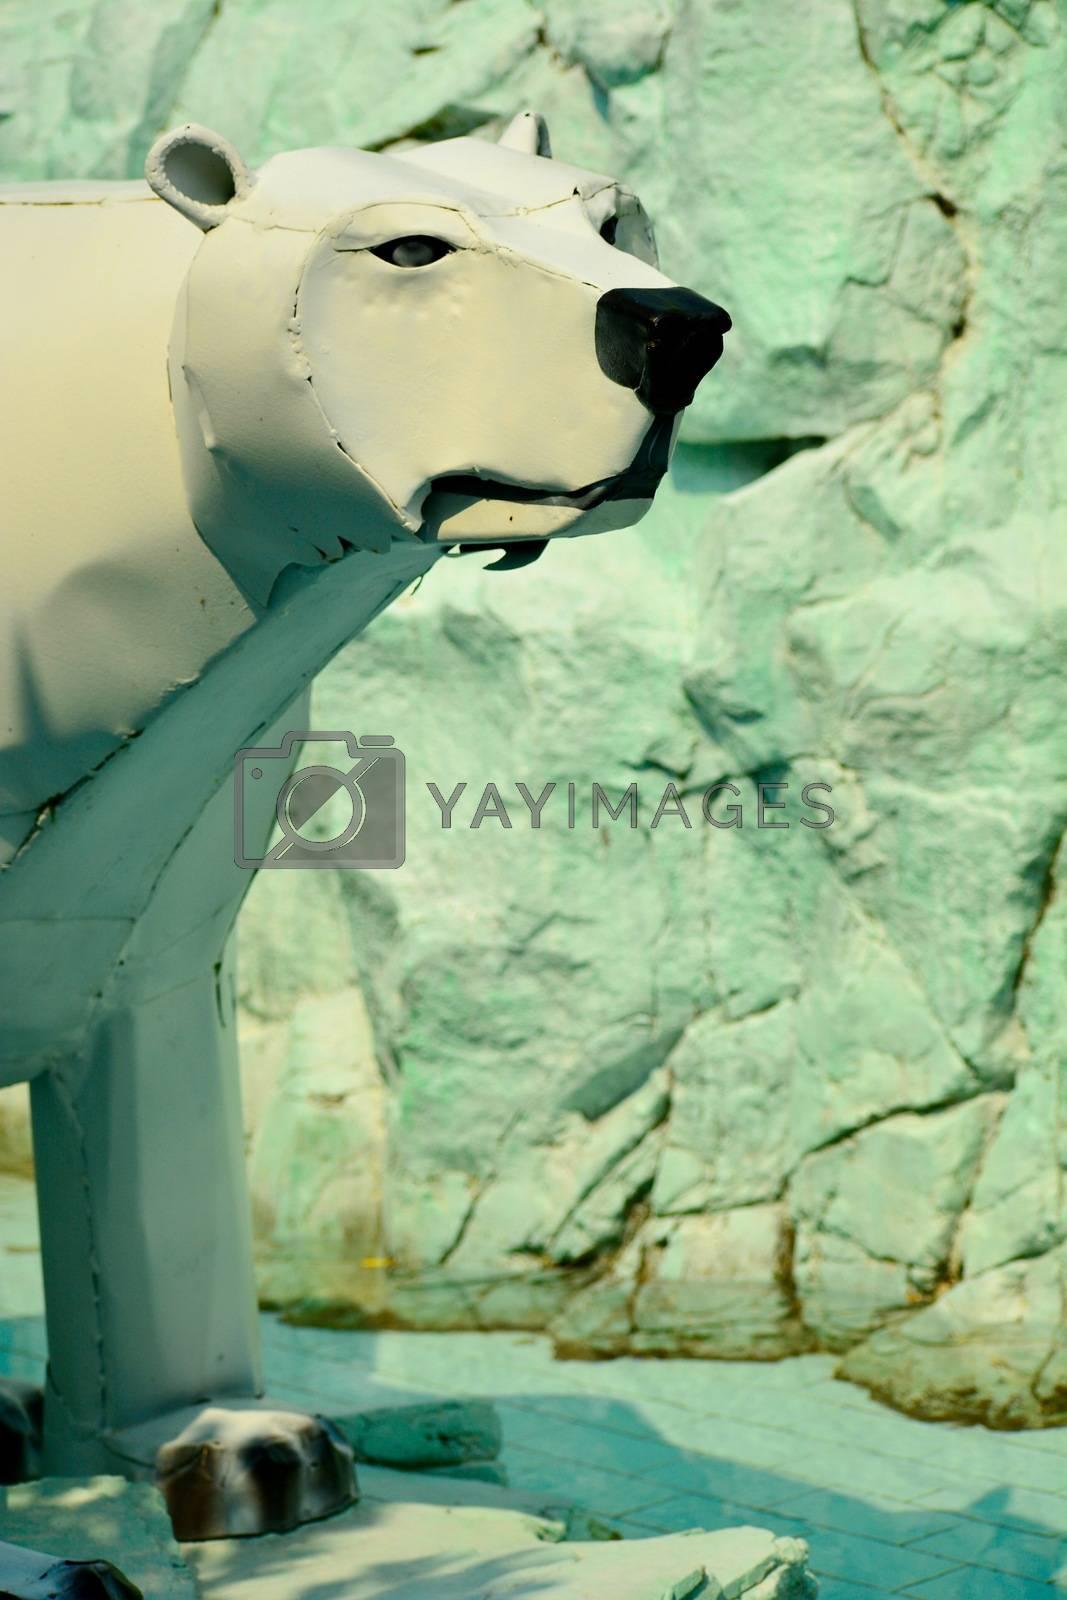 Modern garden sculpture; white bear made of broken washing machine parts